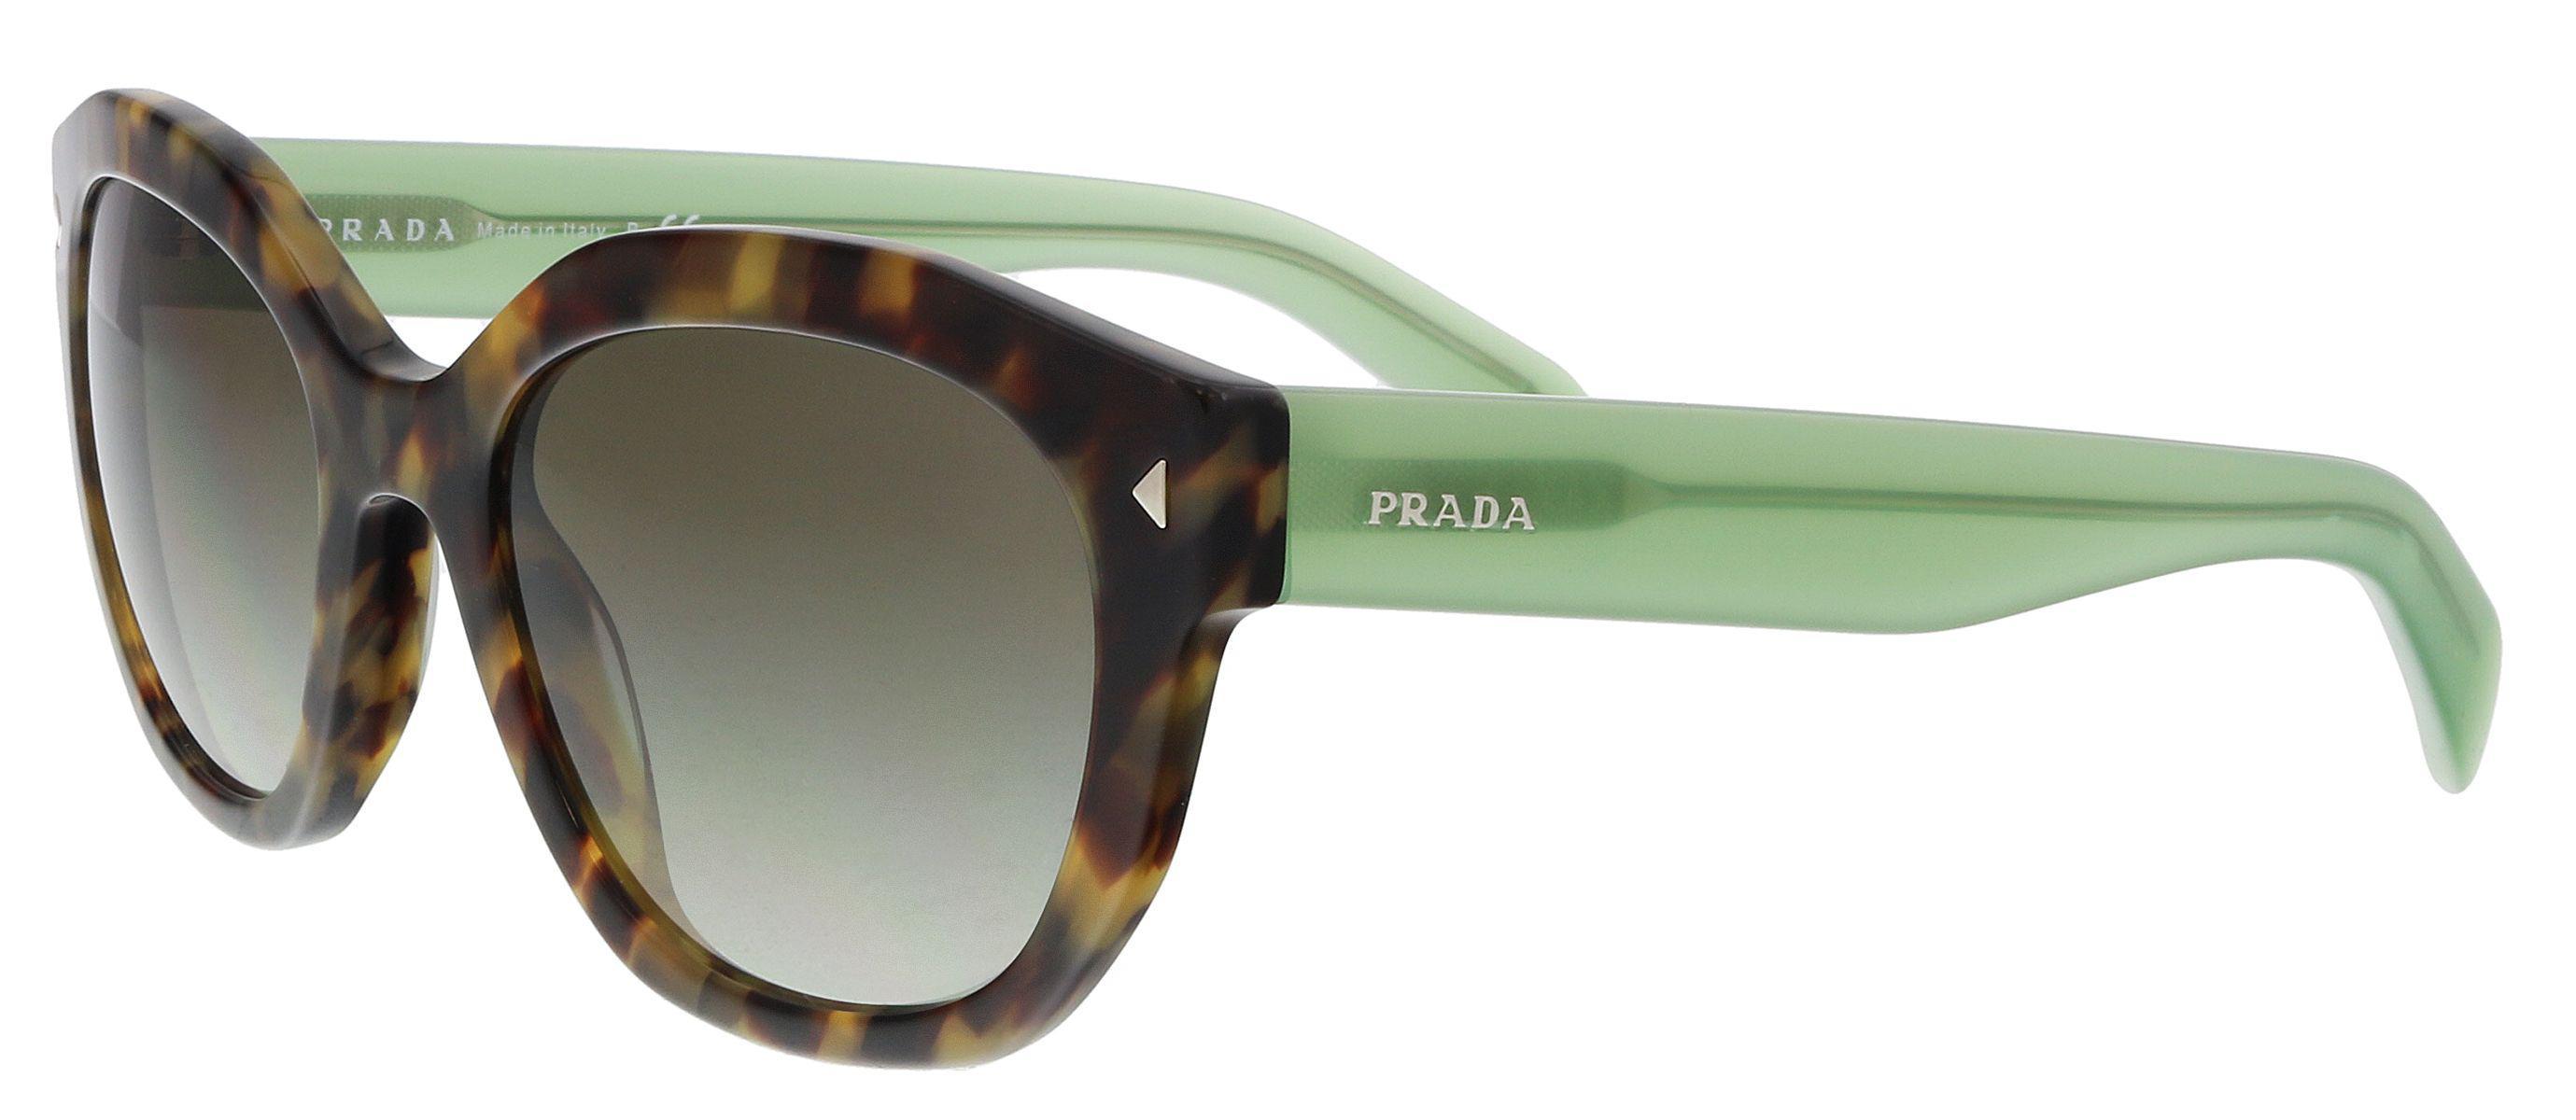 667ade4c3c80 Lyst - Prada Pr12ss Ue04k1 Brown Cat Eye Sunglasses in Green